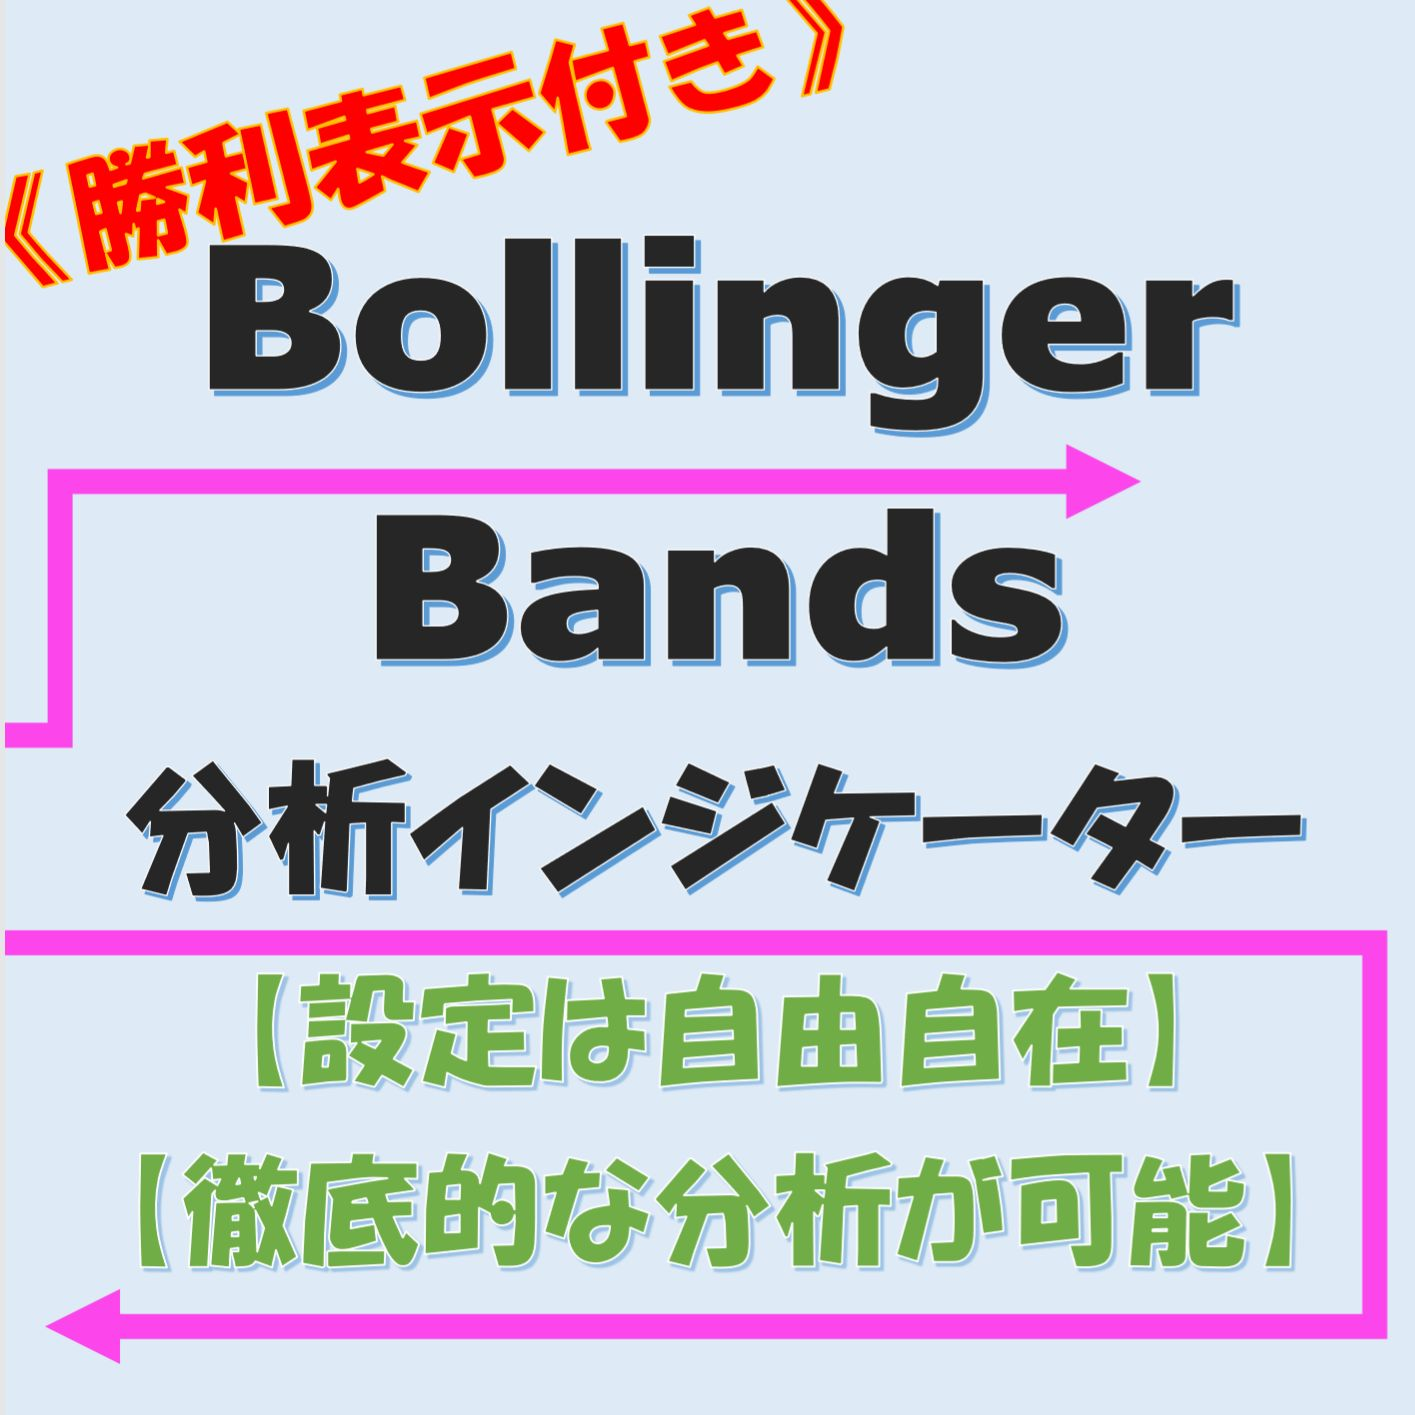 【勝率表示付き】Bollinger Bands・分析インジケーター